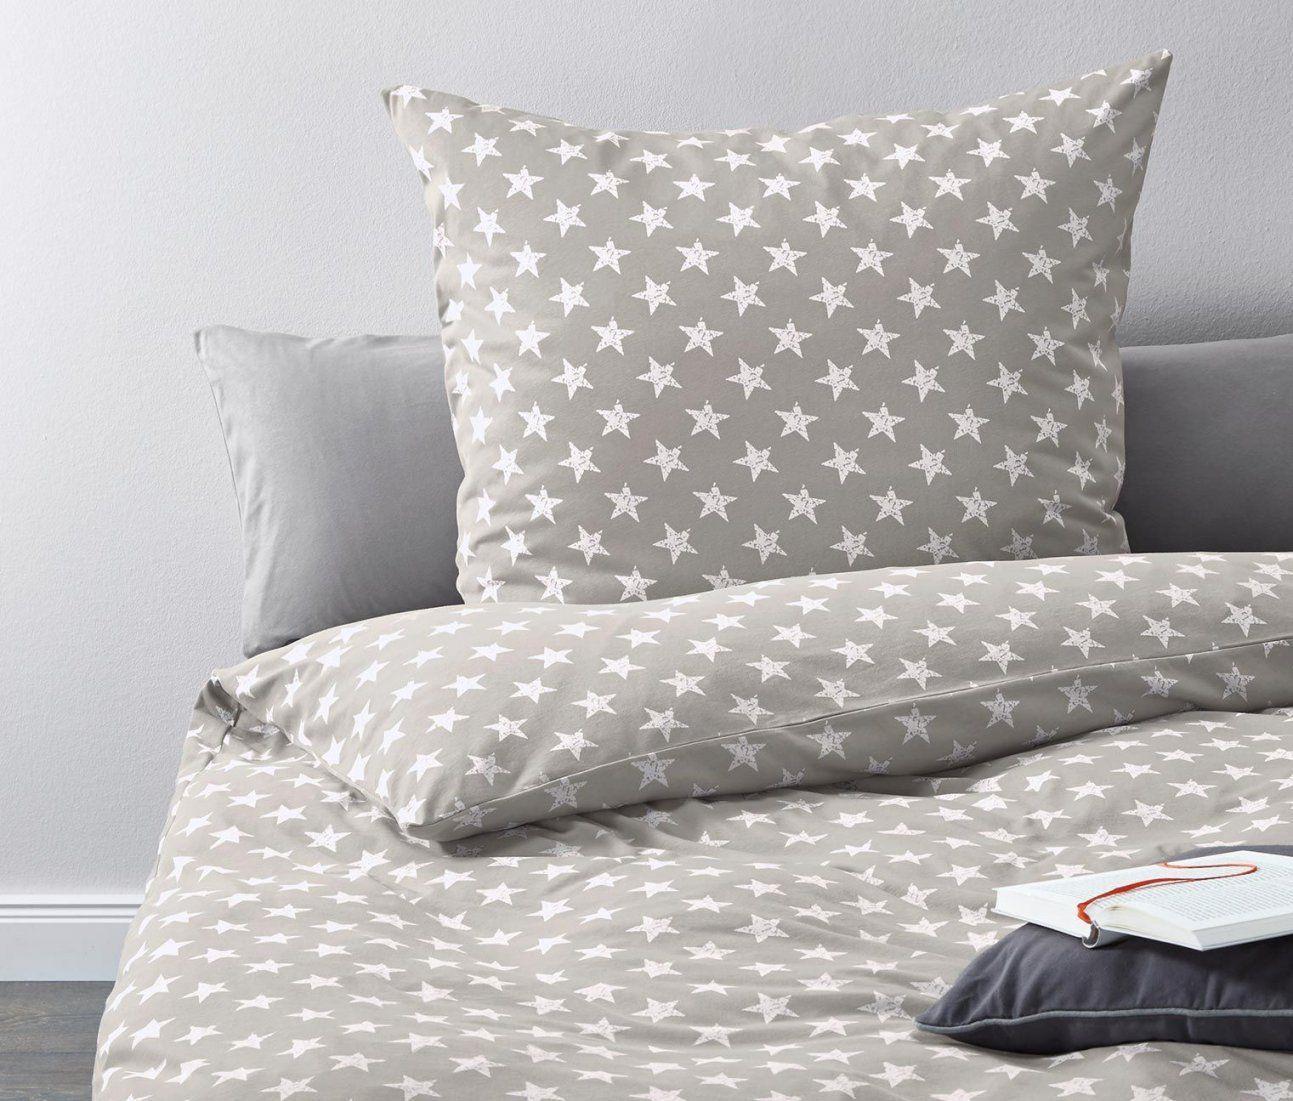 Jerseybettwäsche Grau Mit Sternenprint Online Bestellen Bei von Tchibo Jersey Bettwäsche Bild